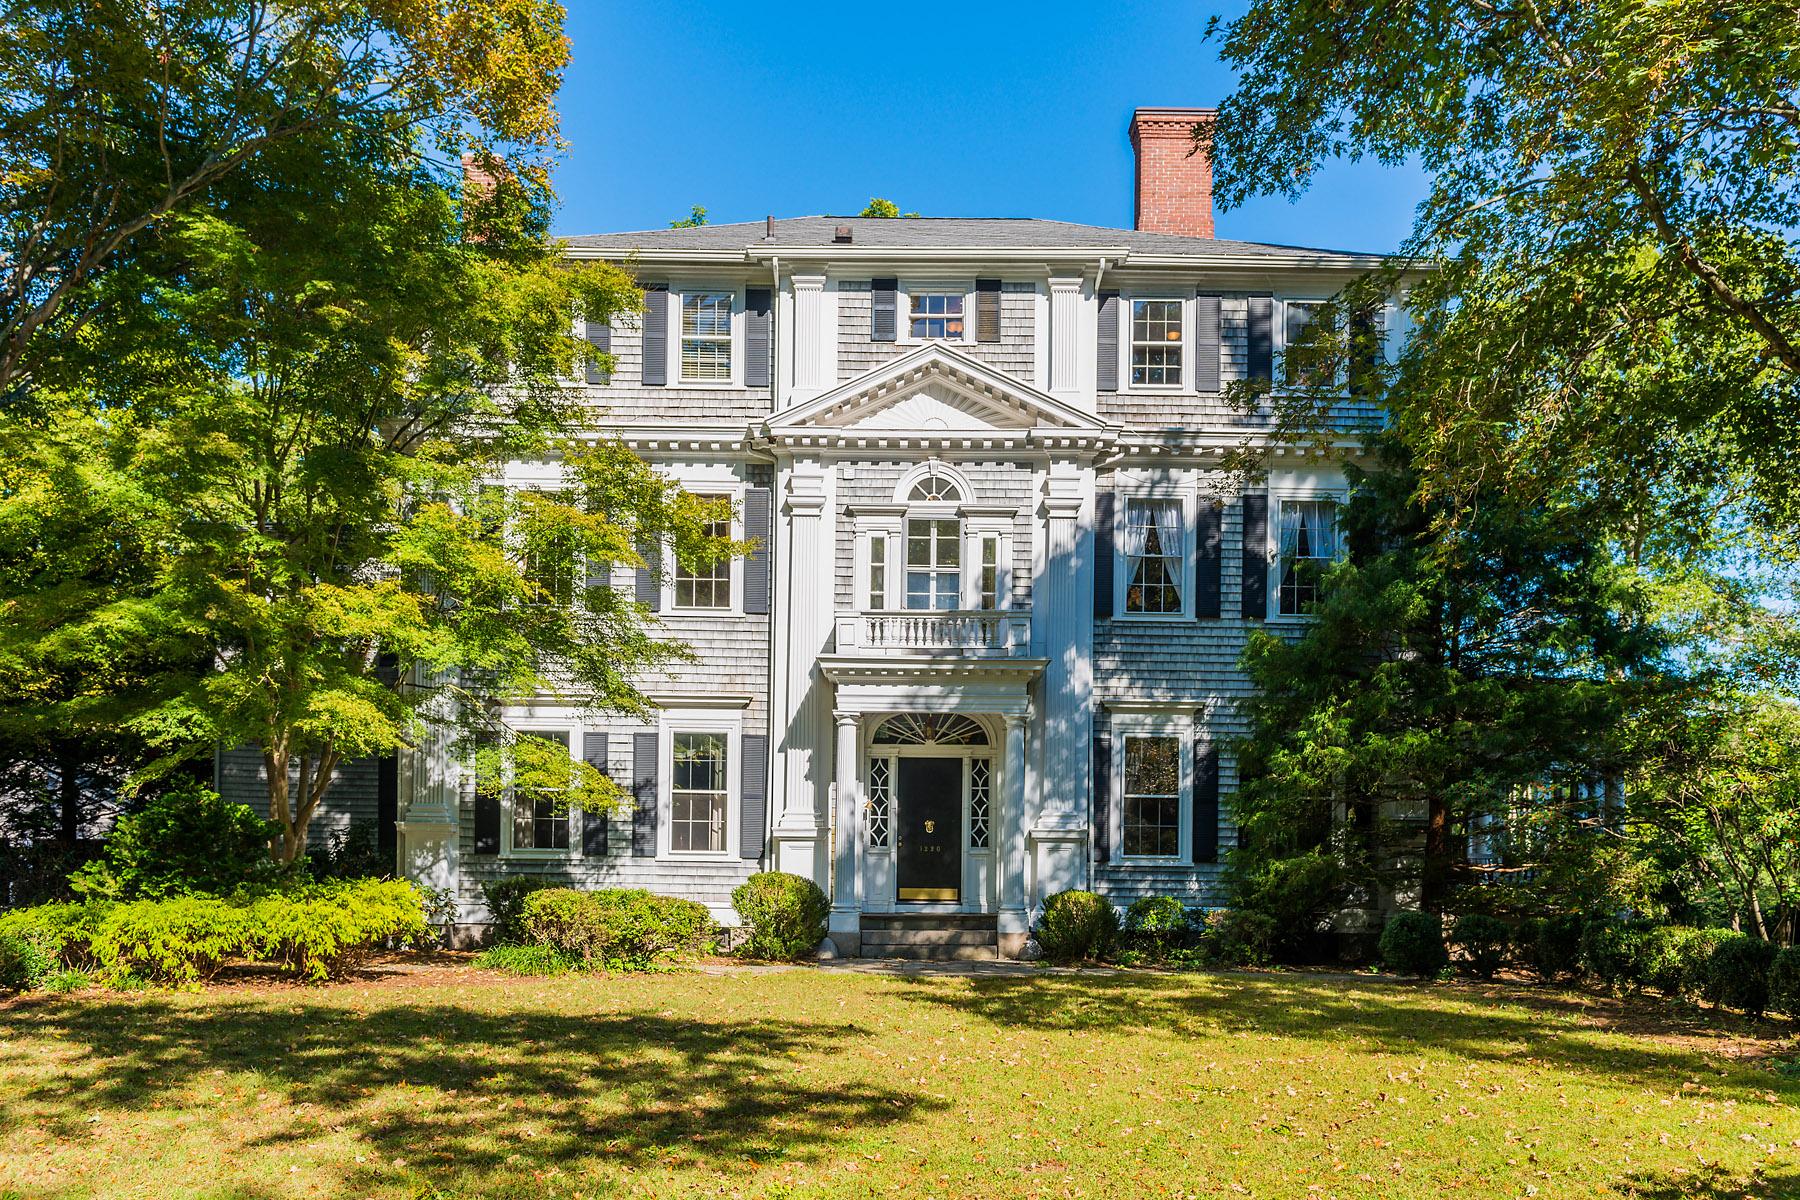 独户住宅 为 销售 在 1220 Ives Rd, Warwick, RI 沃里克, 02818 美国